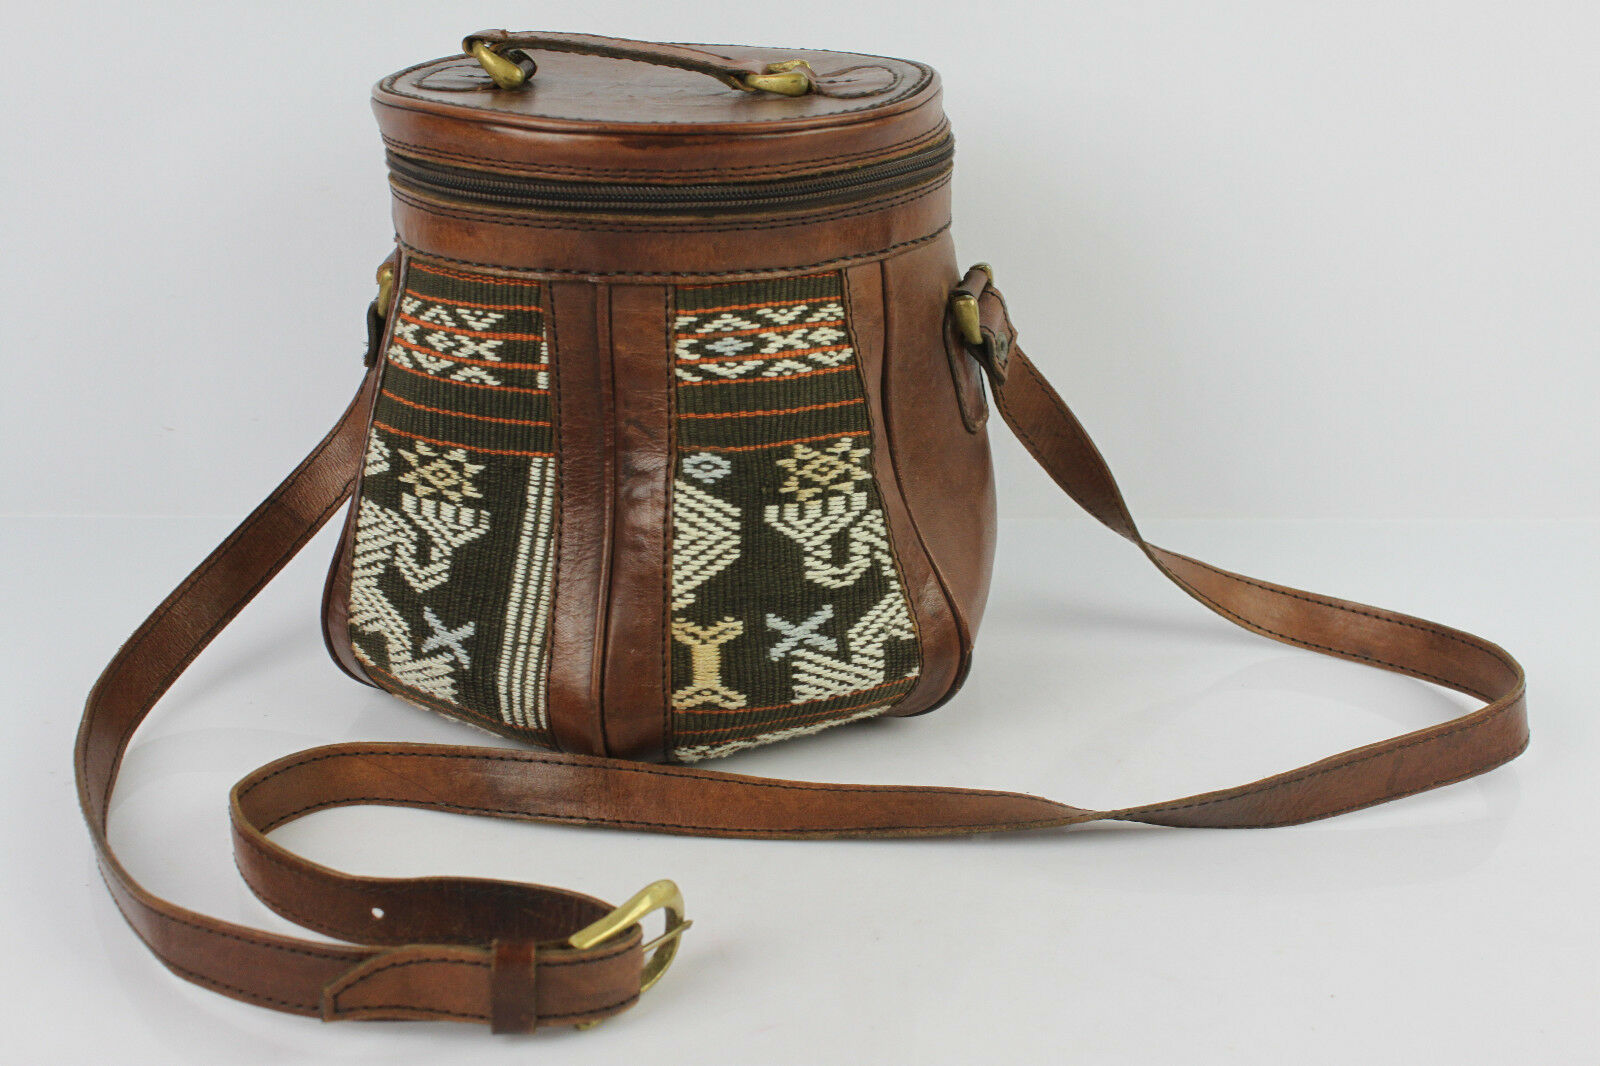 Umhängetasche Leder Handwerk braun und Baumwolle Indonesien seht guter Zustand    | Feinen Qualität